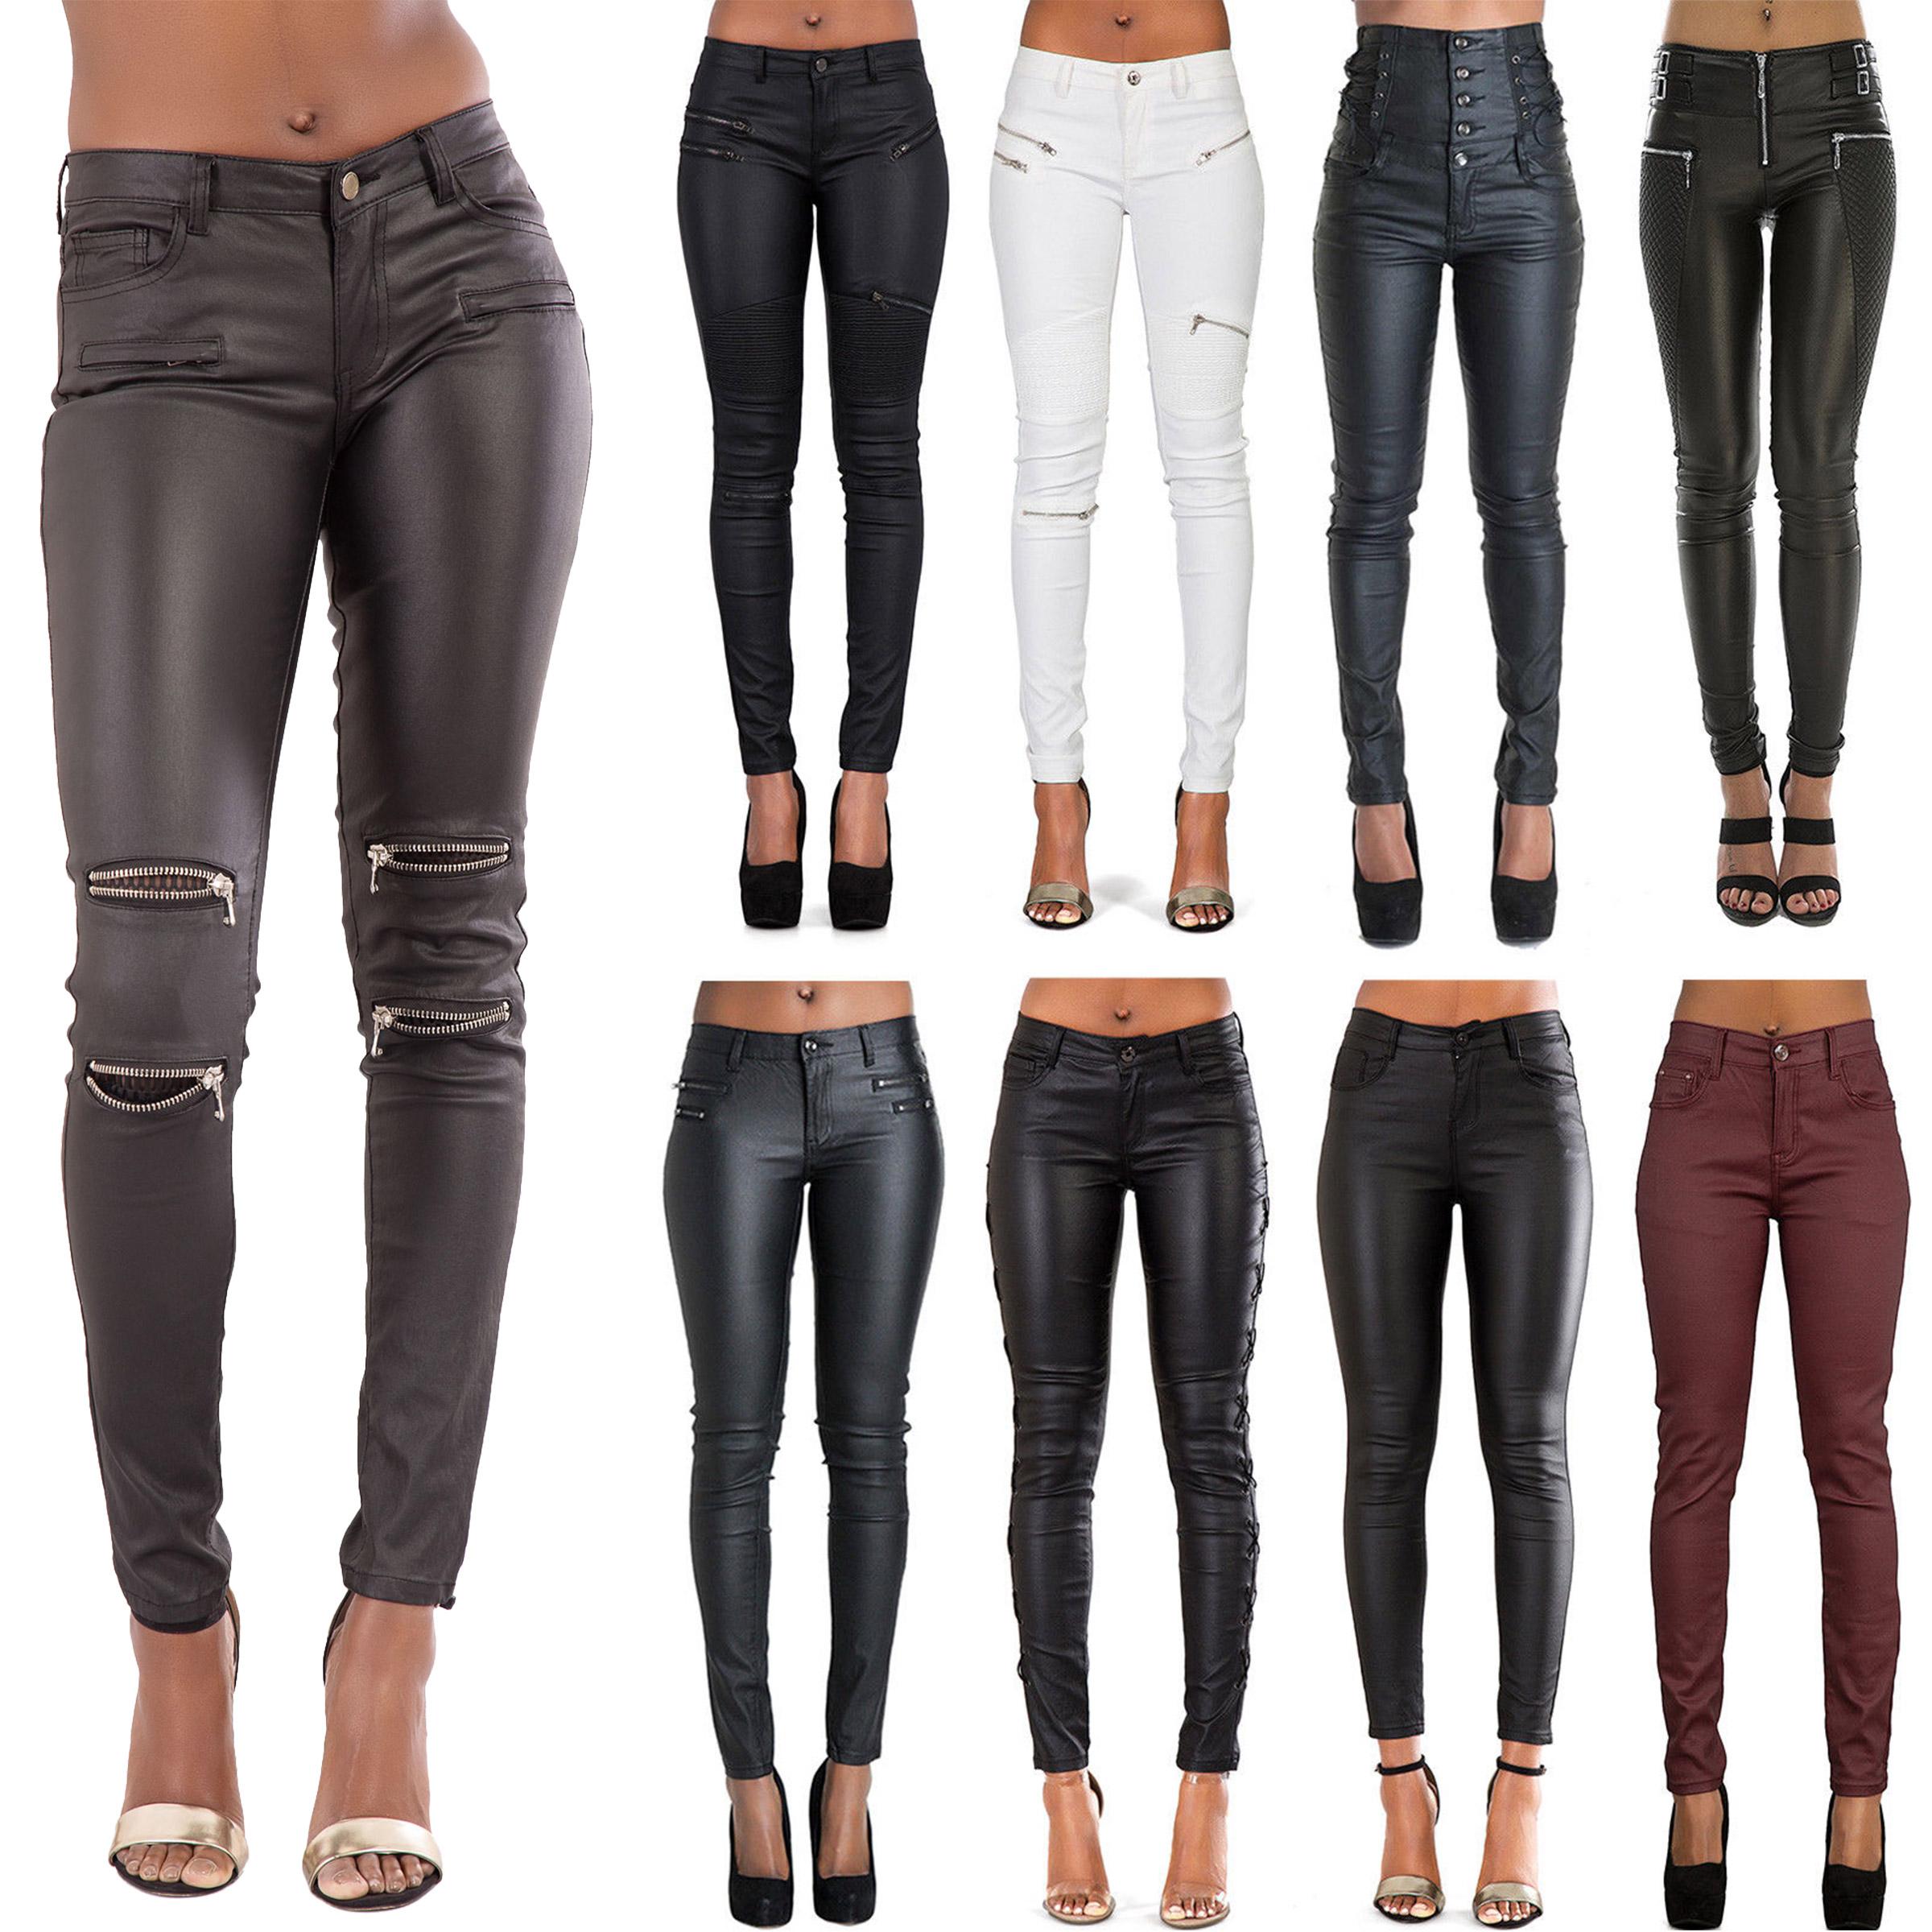 Women/'s Wet Look Skinny Jeans Leopard Look Trouser Ripped Style size 8-14